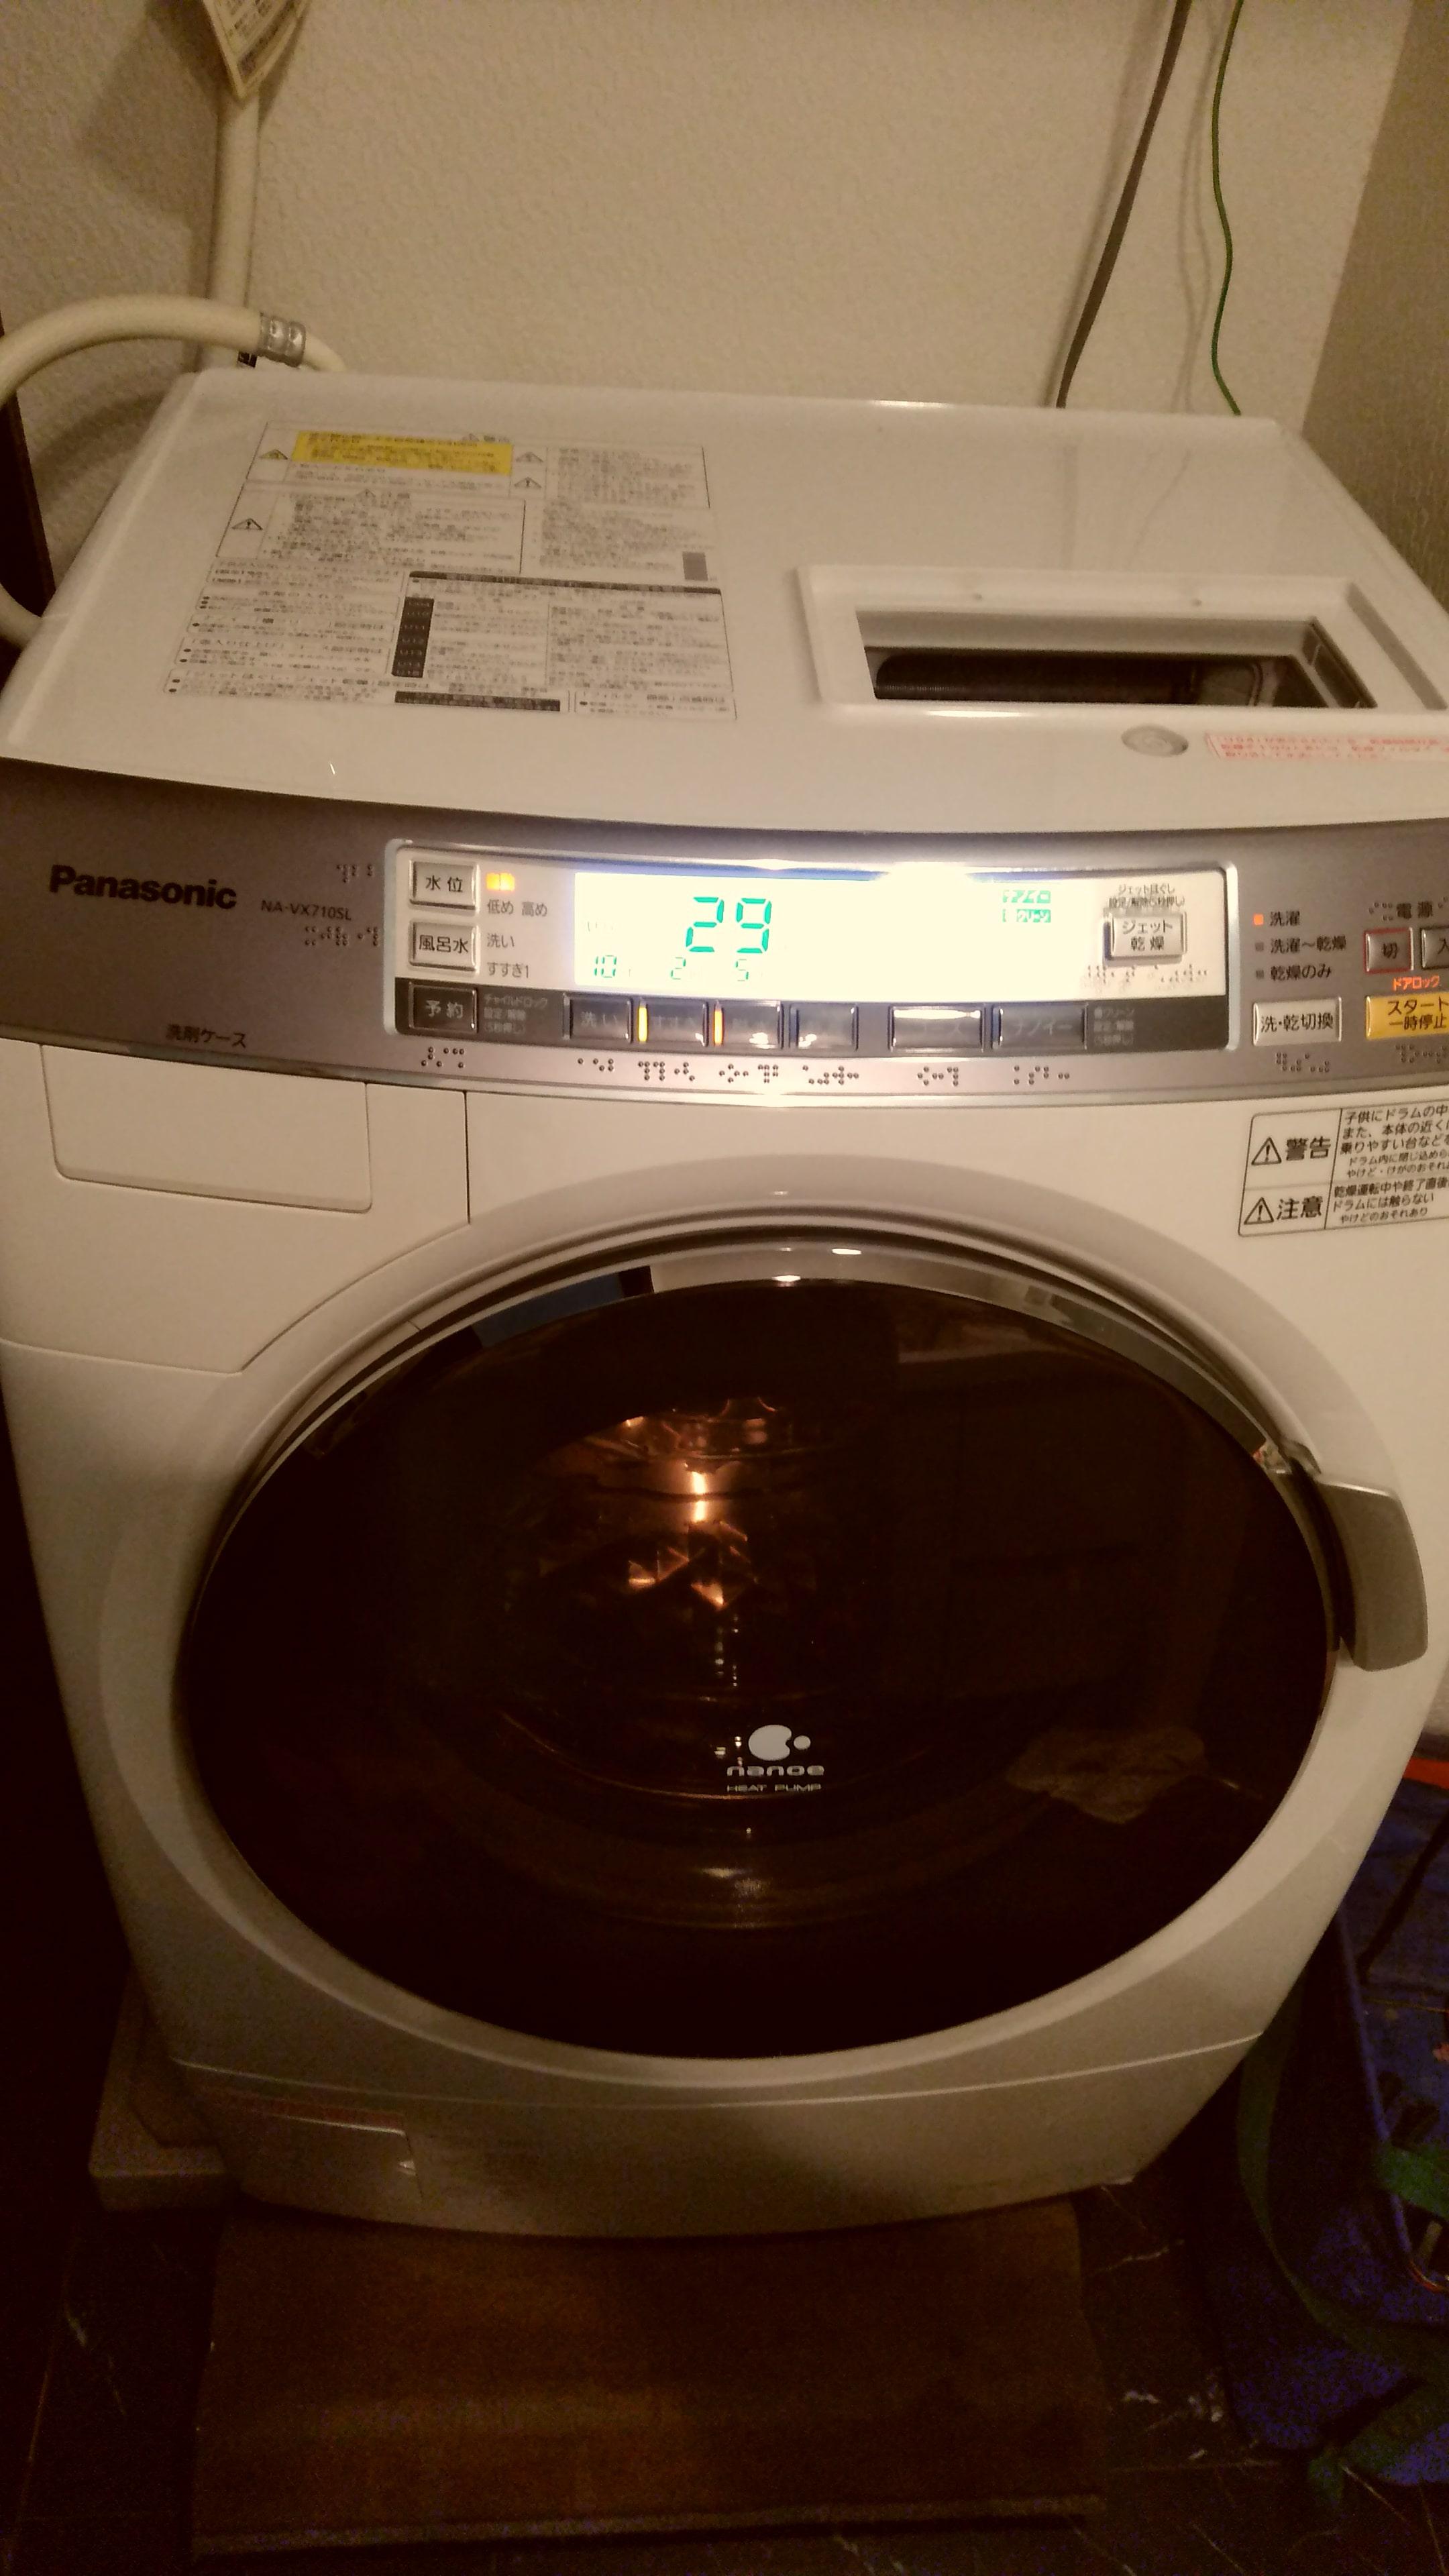 柔軟 投入 剤 機 洗剤 洗濯 口